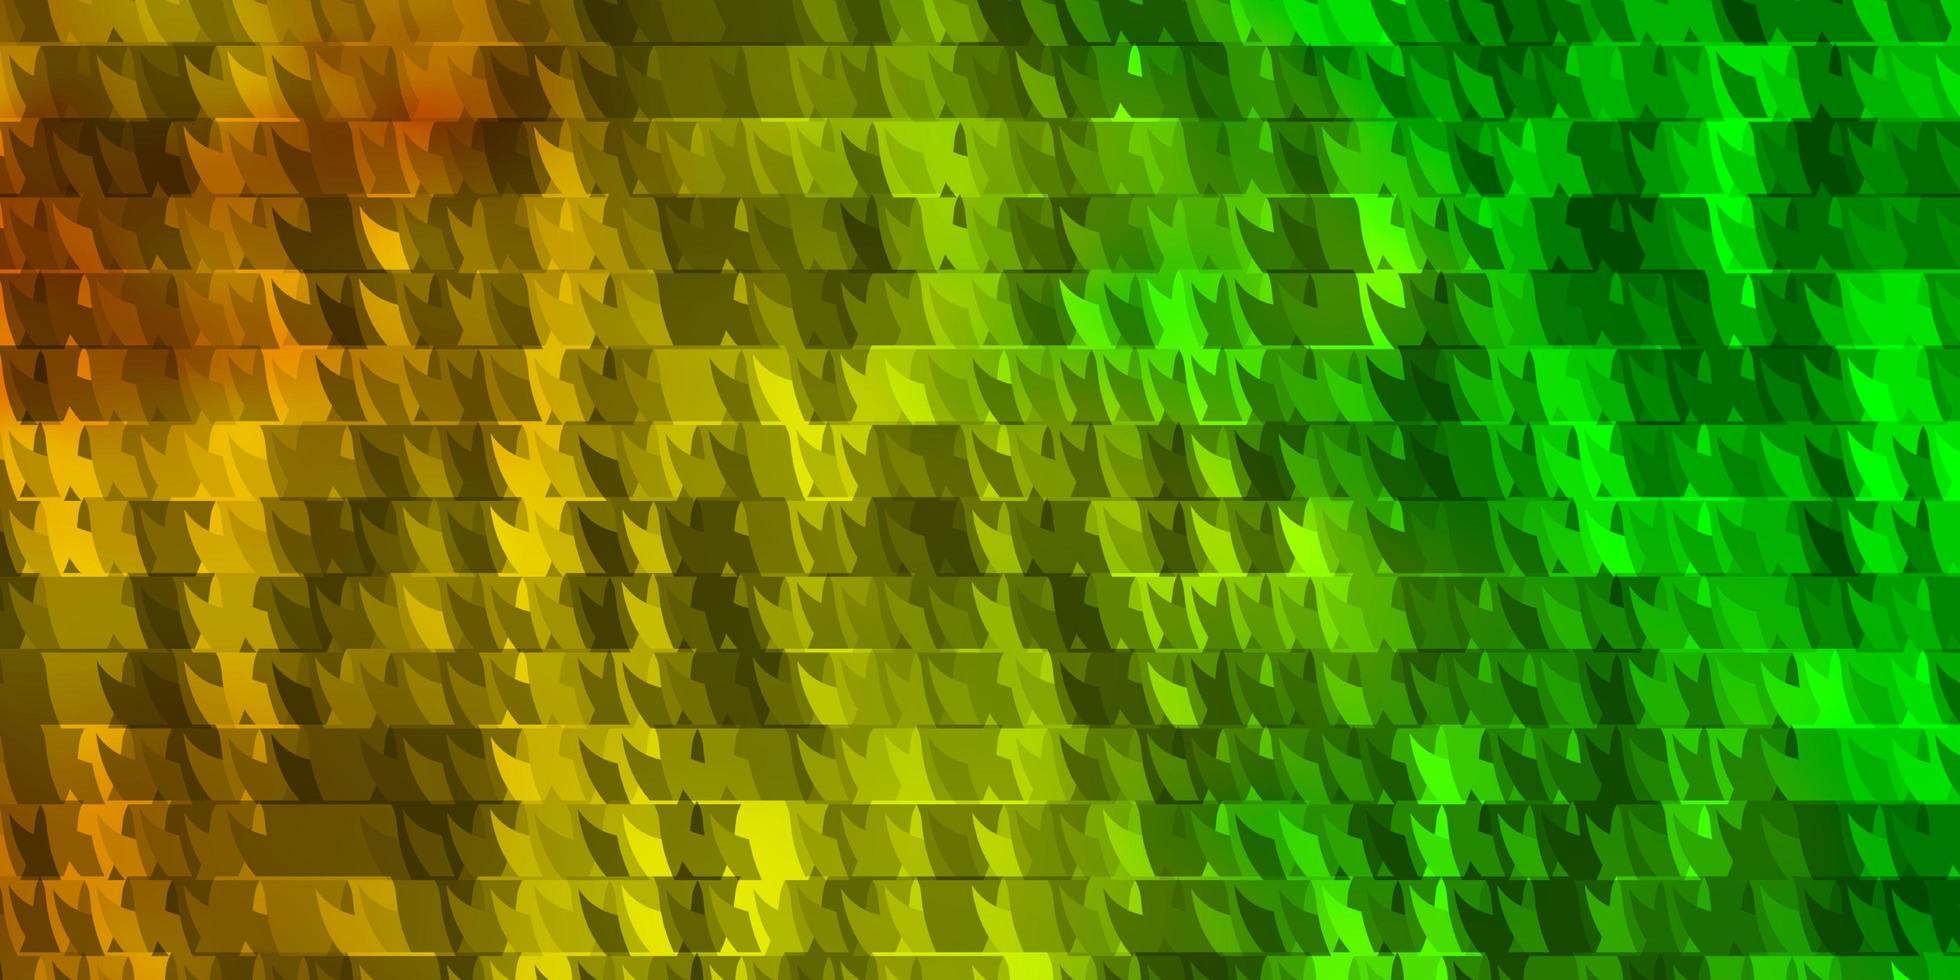 de fundo vector verde e amarelo claro com linhas, triângulos.